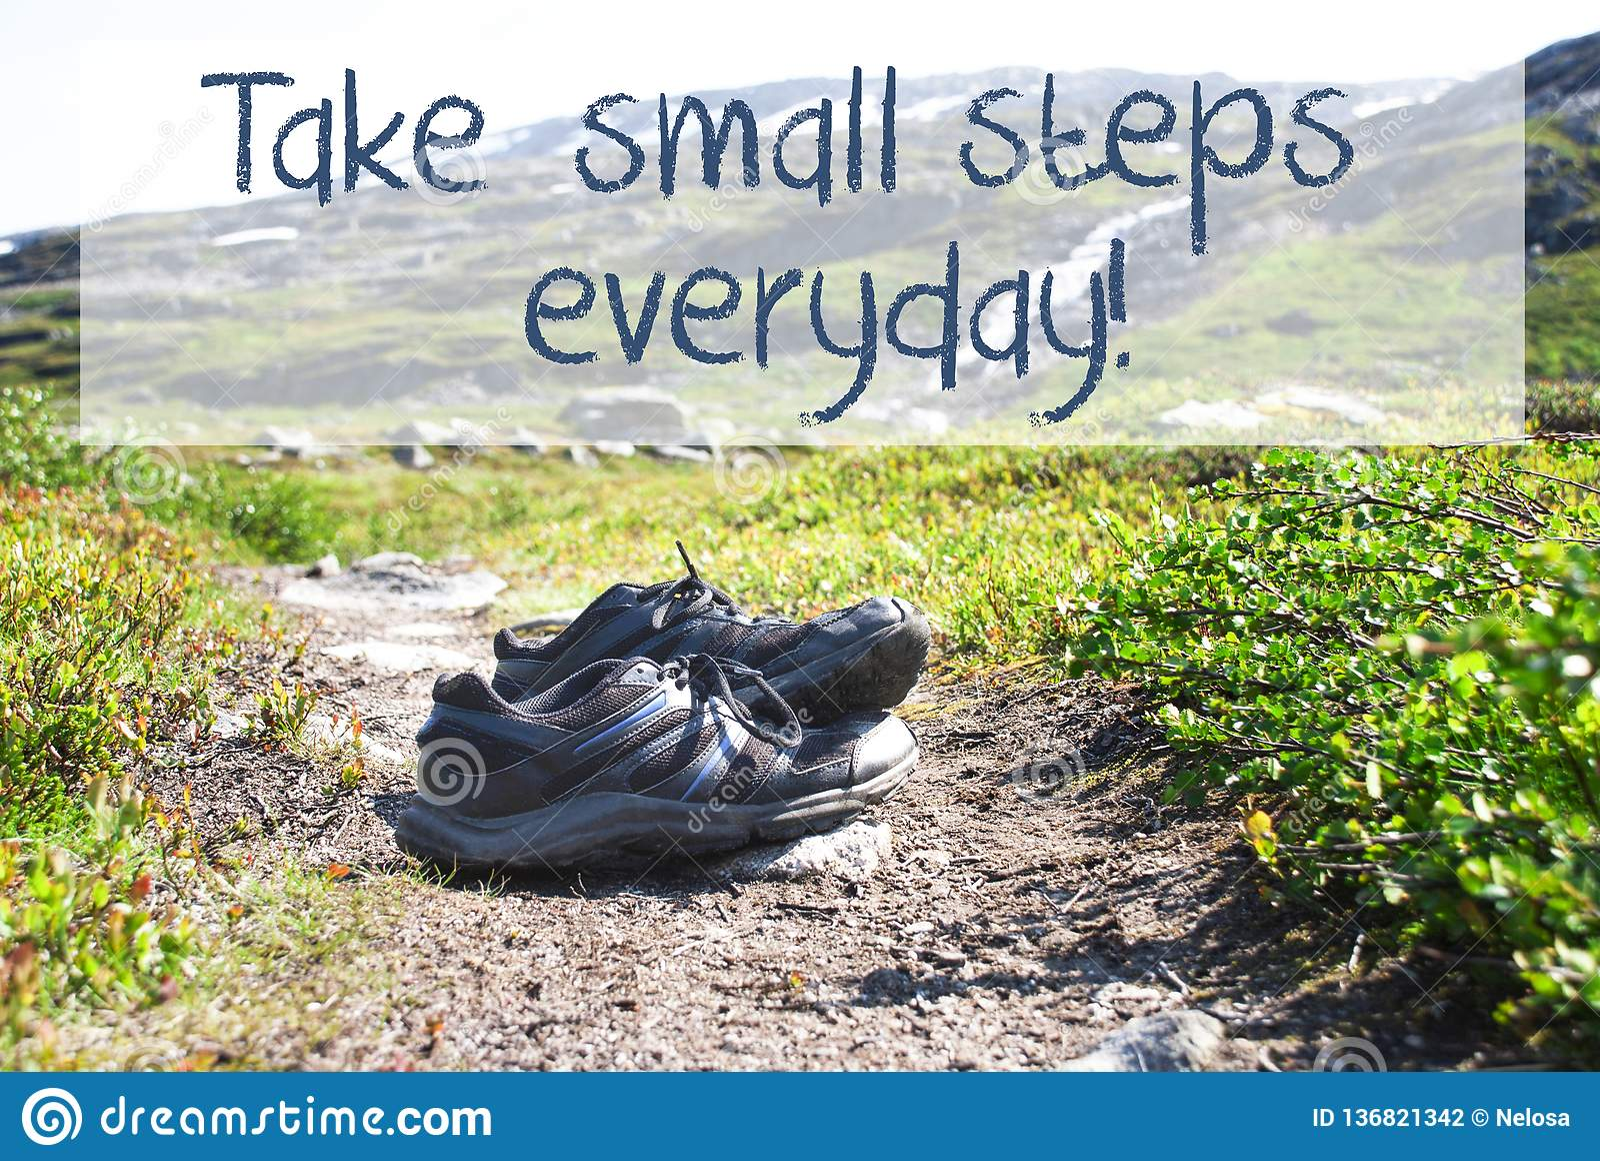 Les chaussures sur le chemin de trekking, prennent de petites mesures quotidiennes